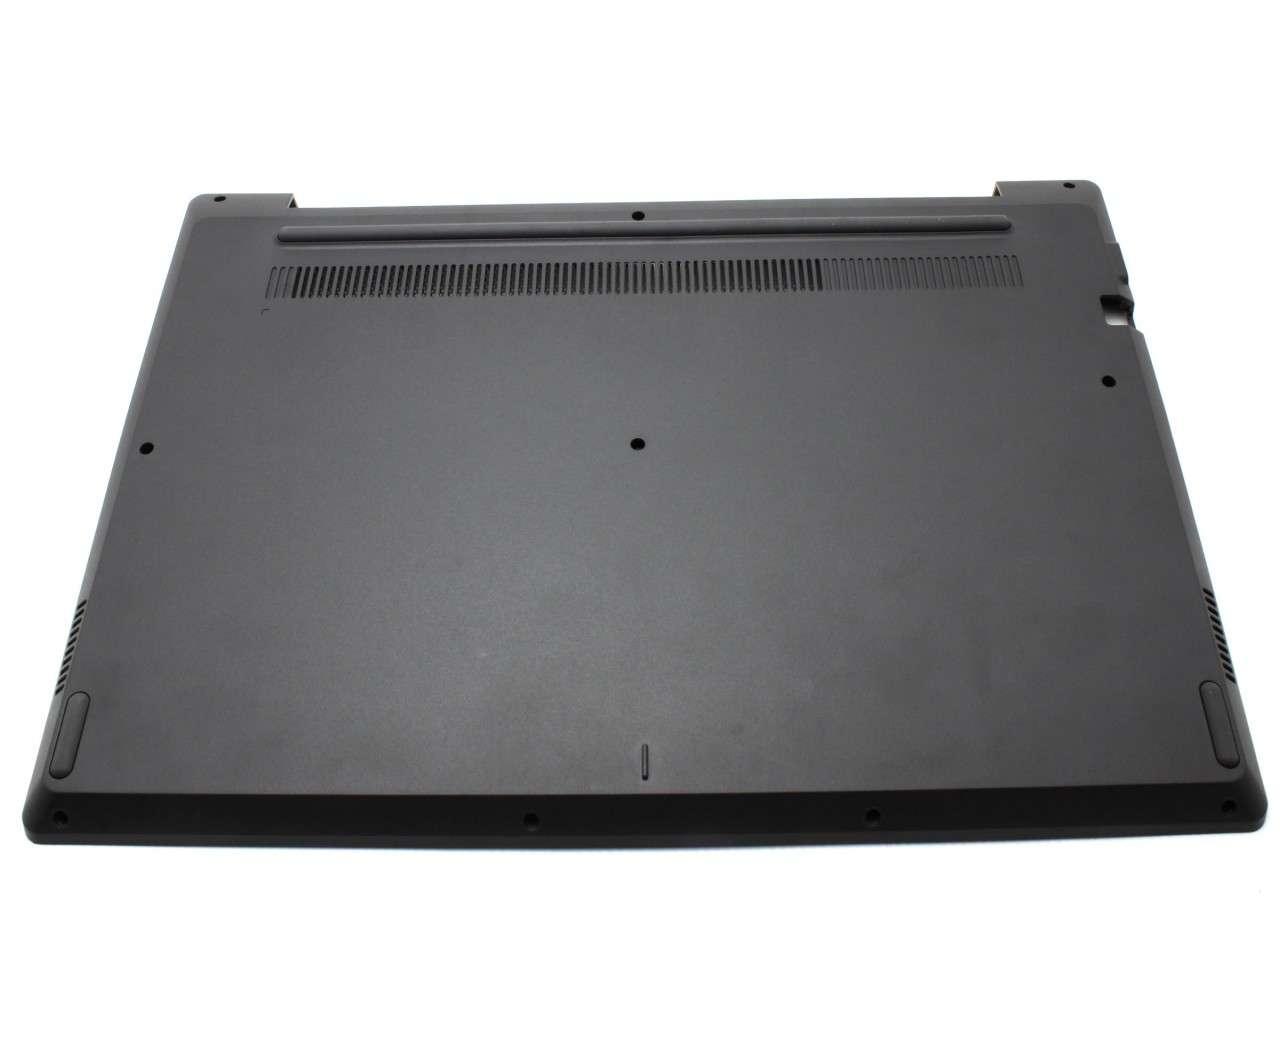 Bottom Case Lenovo AP26A000700 Carcasa Inferioara Neagra fara Orificiu VGA imagine powerlaptop.ro 2021